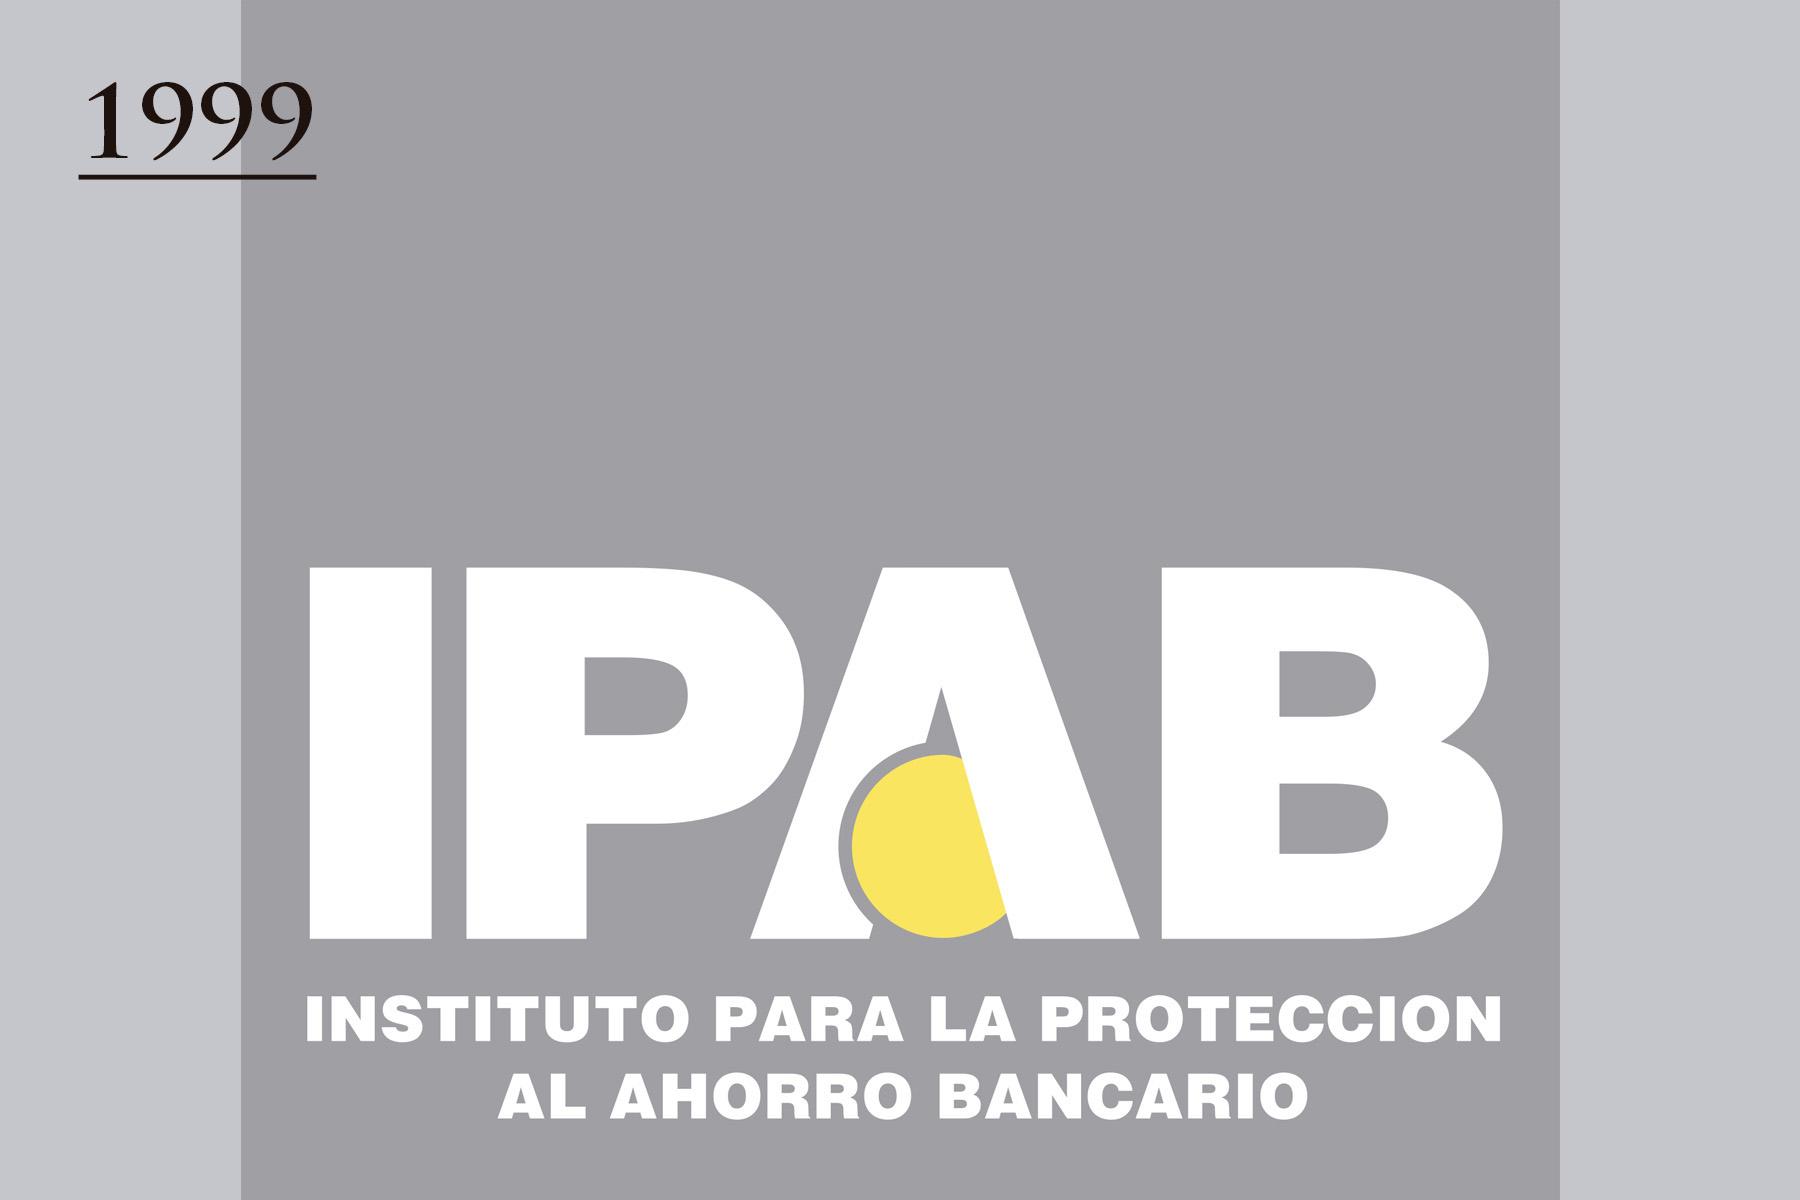 La LPAB entró en vigor al día siguiente de su publicación; en ella, a diferencia de legislaciones anteriores, se presenta un seguro de depósitos explícito y limitado, a cargo del organismo descentralizado de la Administración Pública Federal, creado por virtud de las disposiciones de dicha Ley, el Instituto para la Protección al Ahorro Bancario (IPAB).